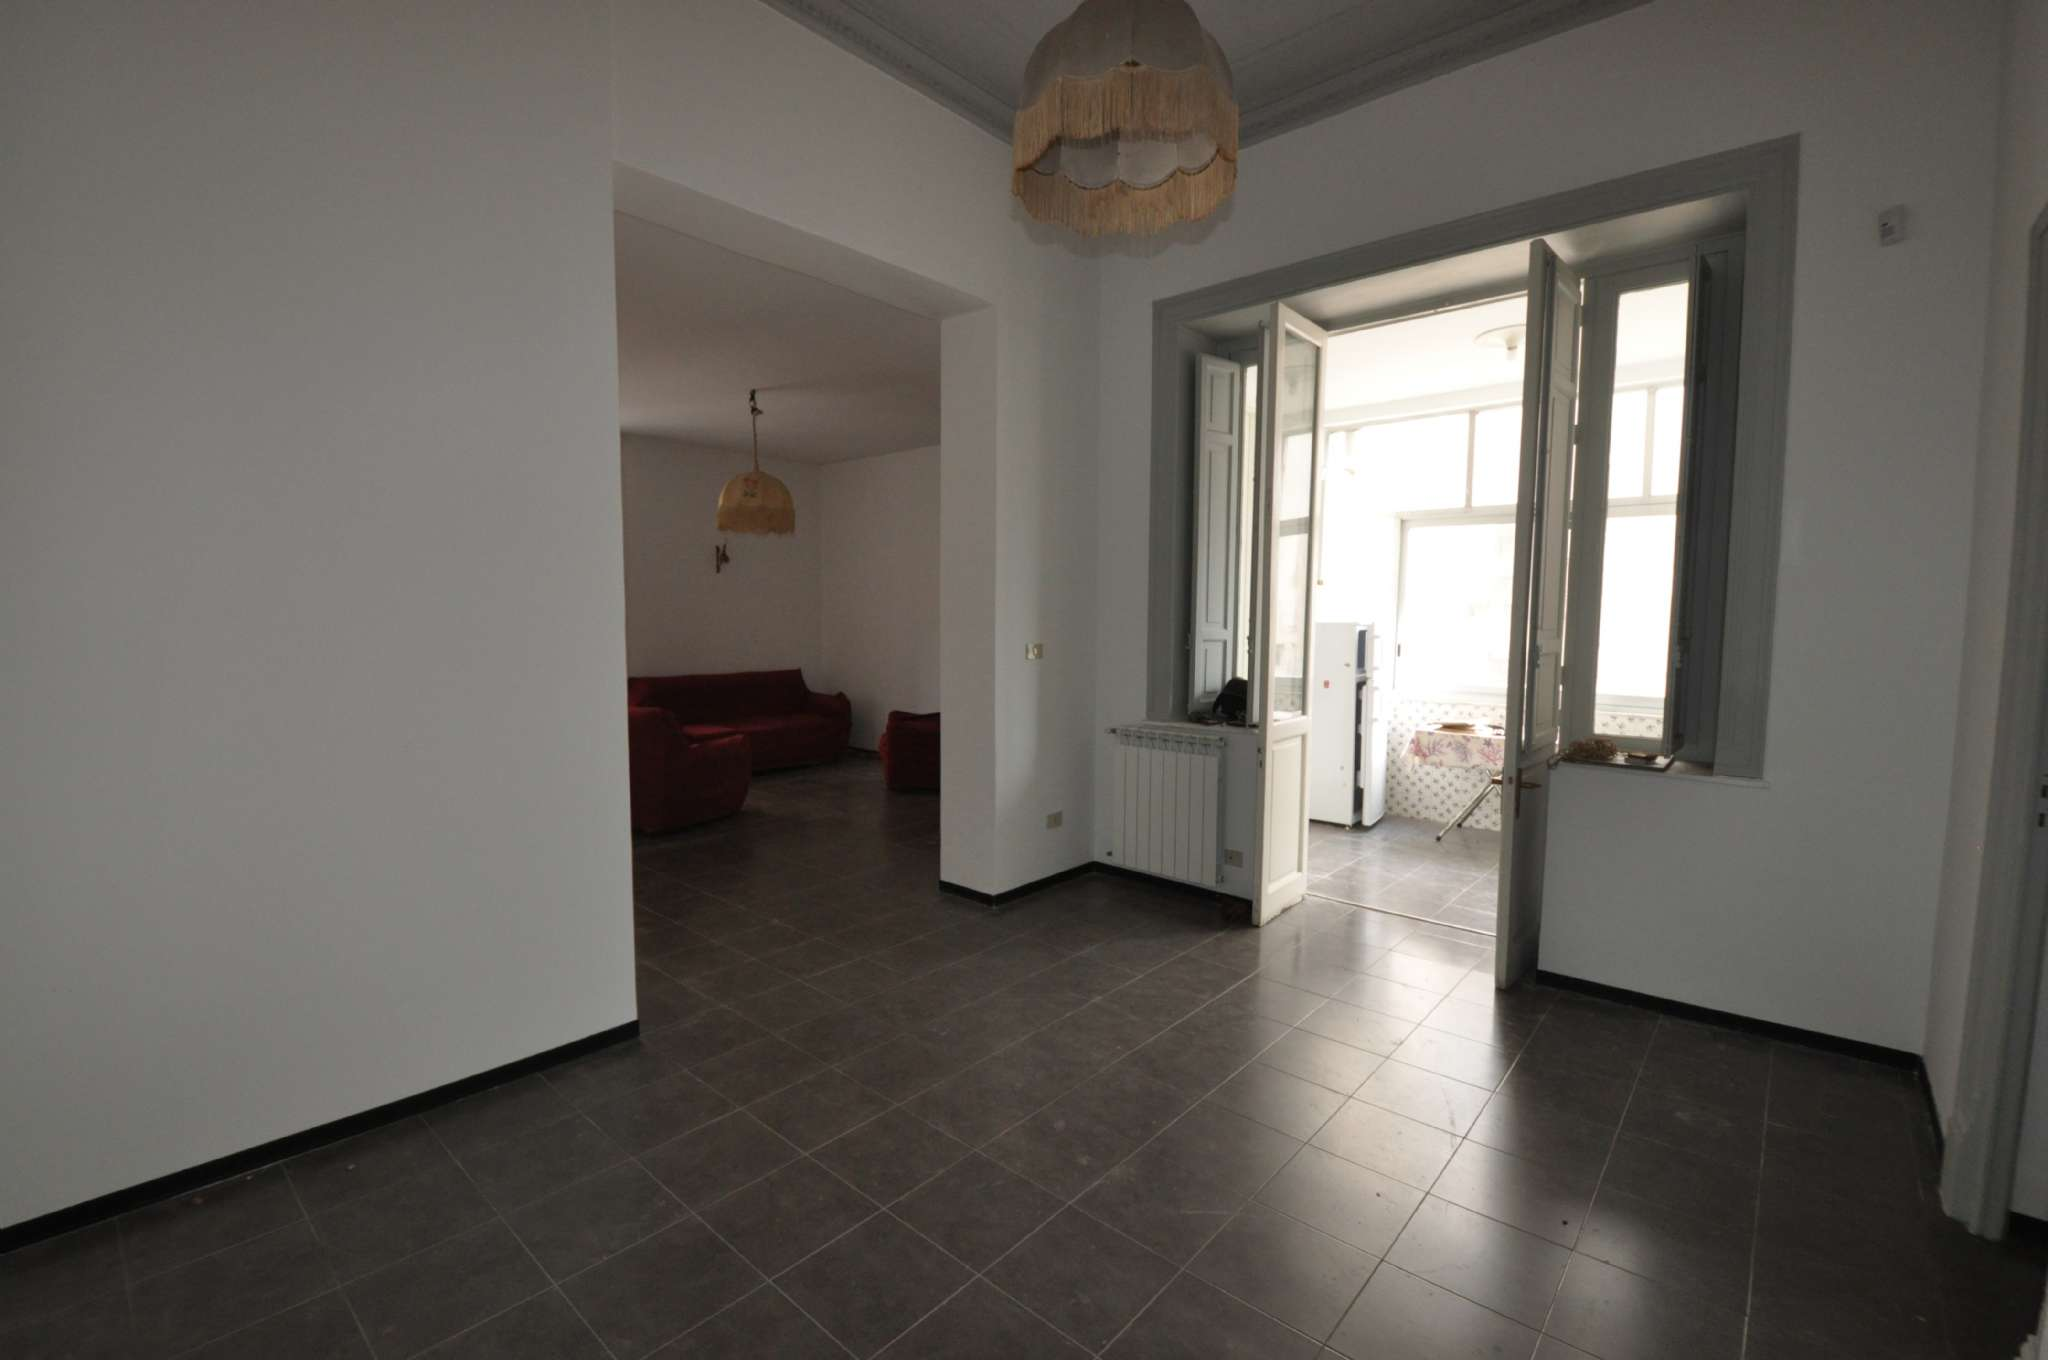 Appartamento in affitto a palermo w6205012 for Affitto arredato palermo